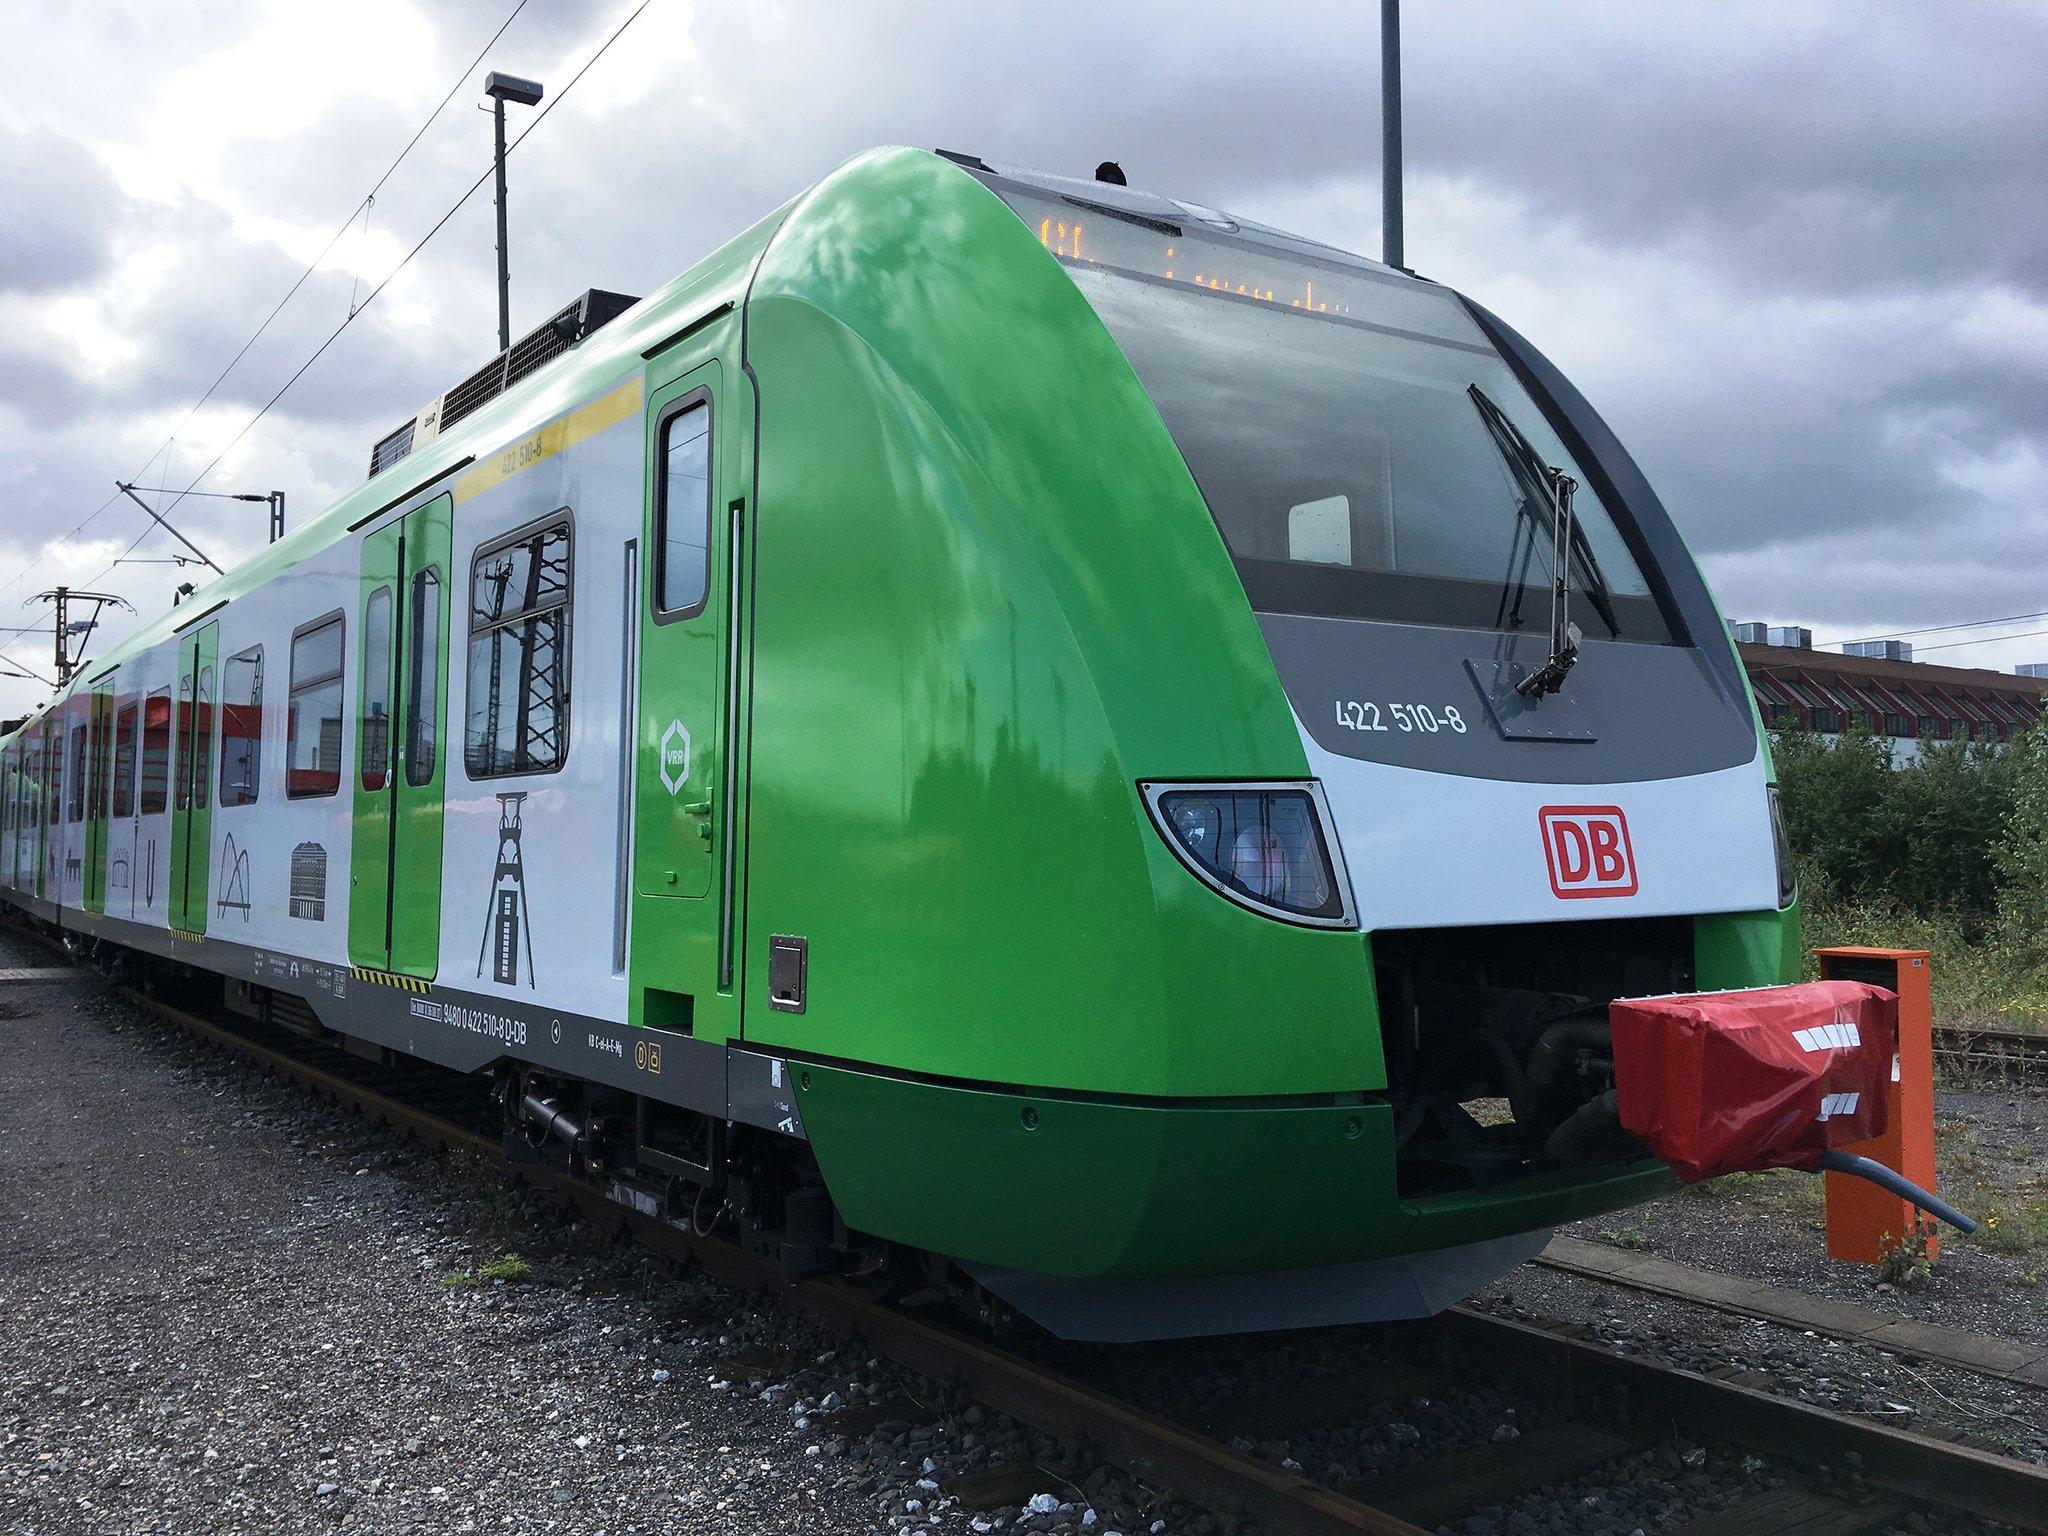 S Bahn Nrw